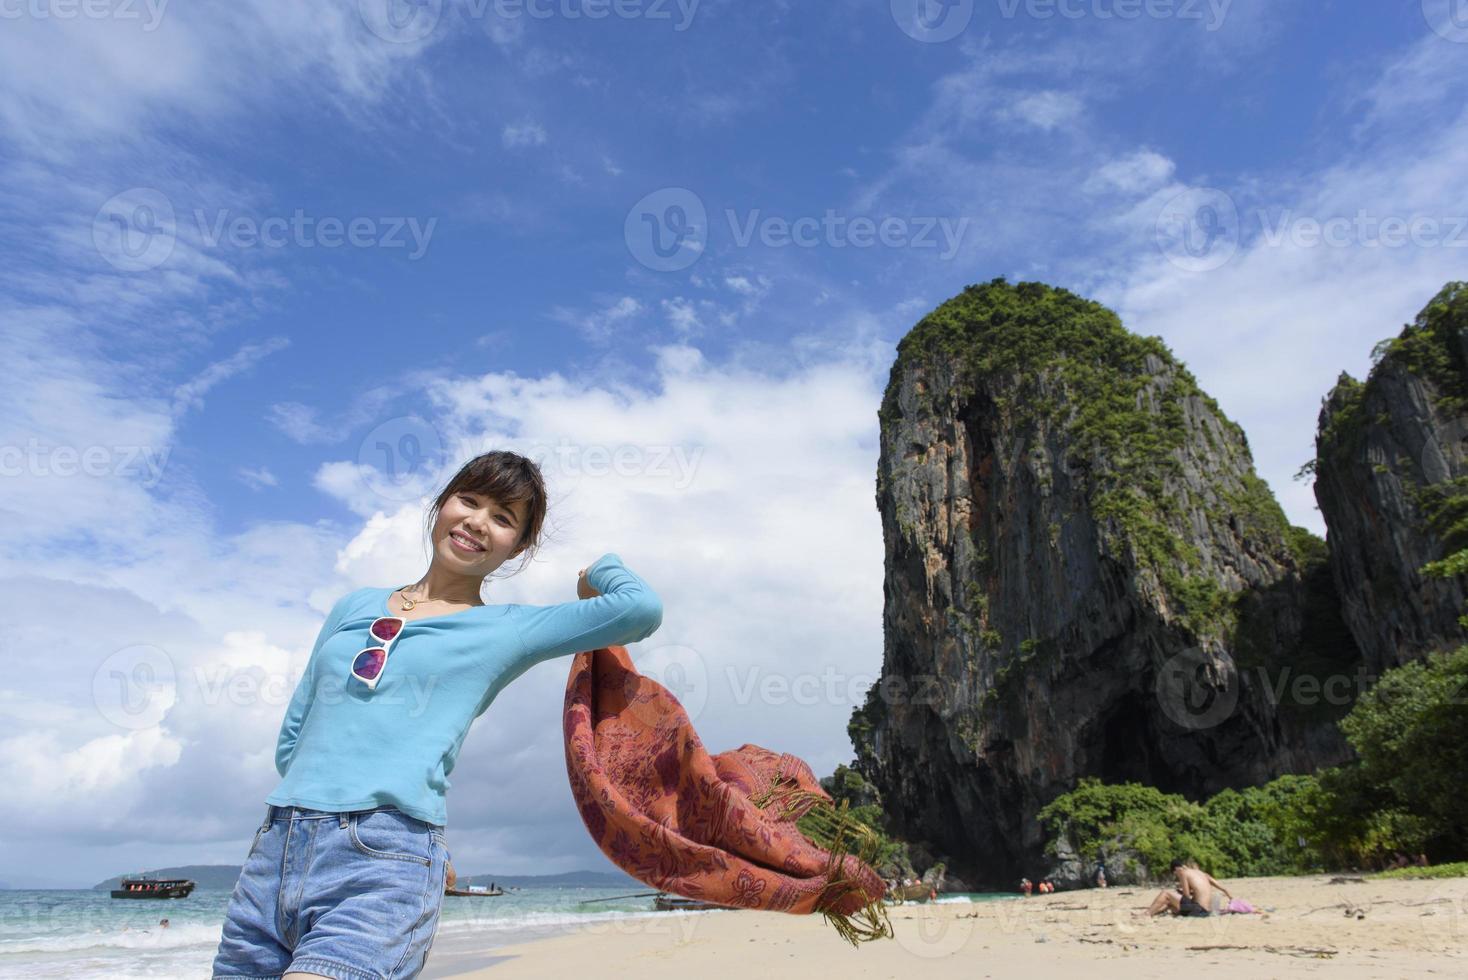 Woman enjoy getaway walking along the beach photo